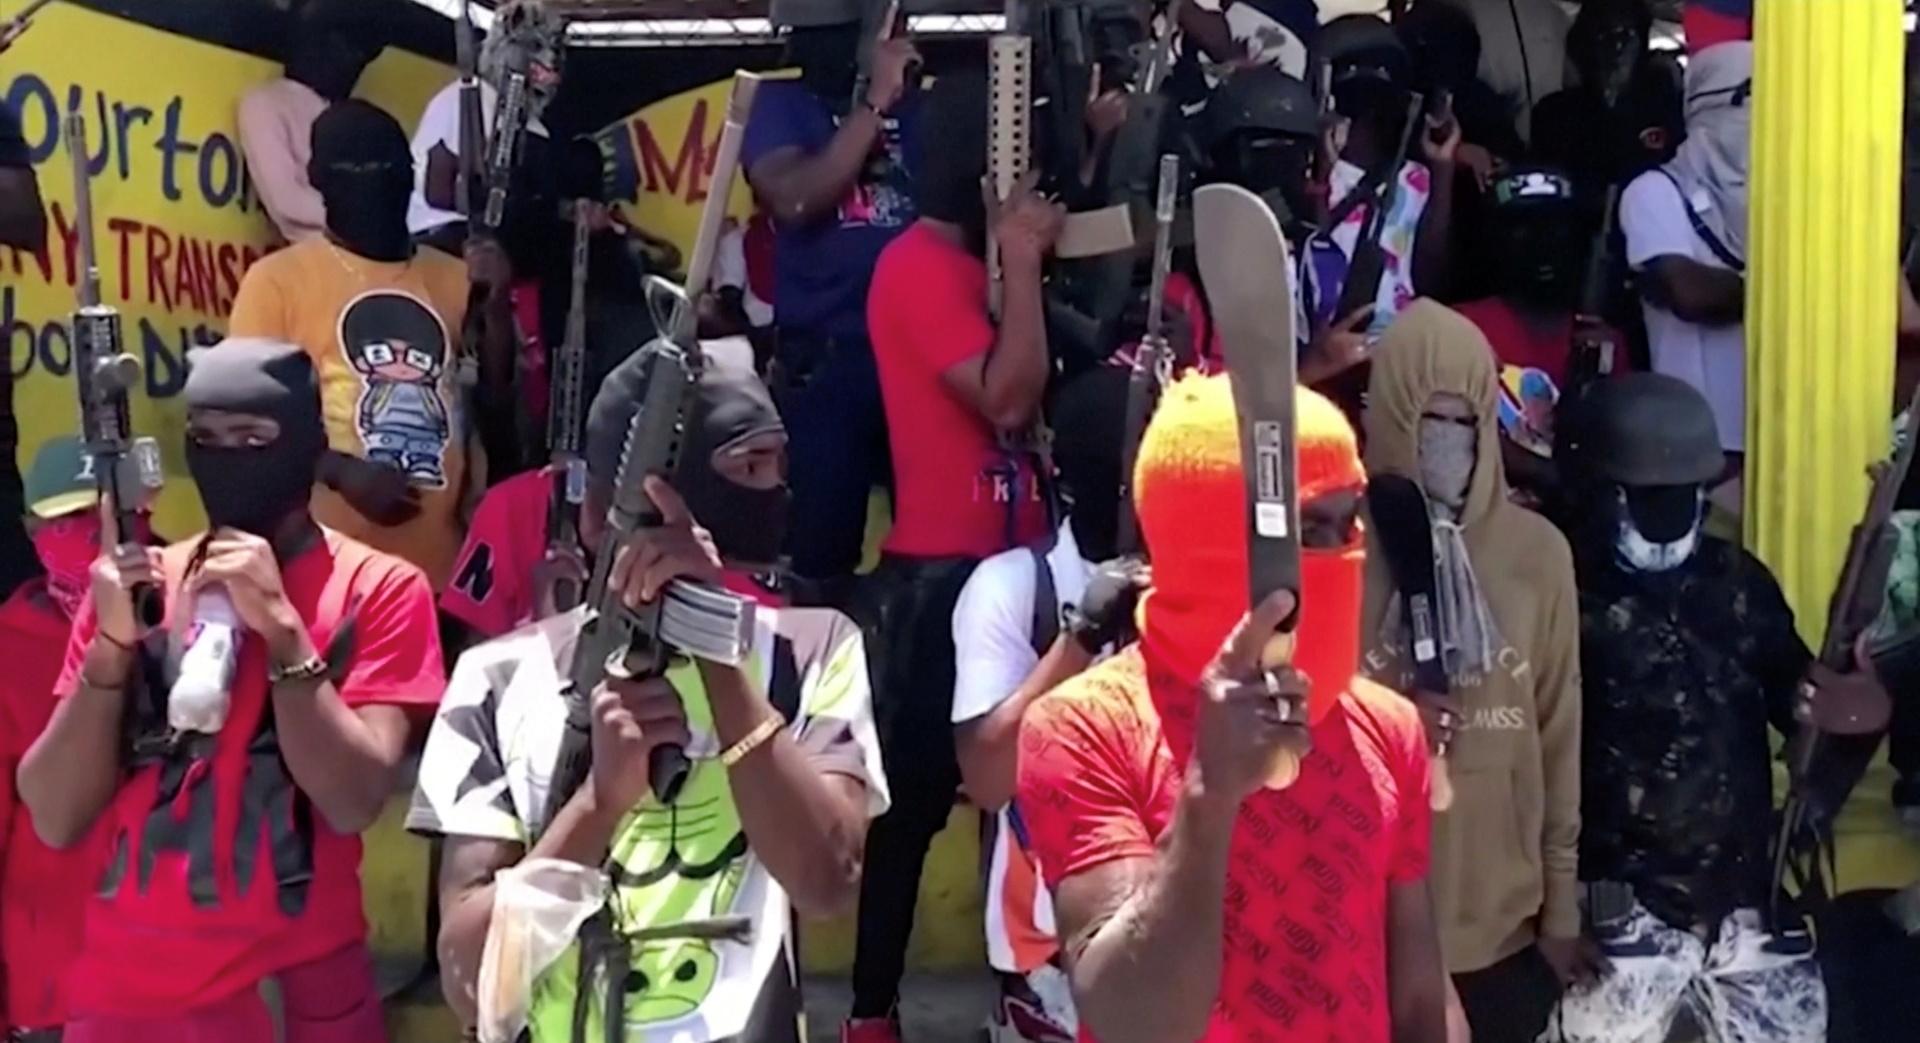 الولايات المتحدة تندد بالعنف في هايتي